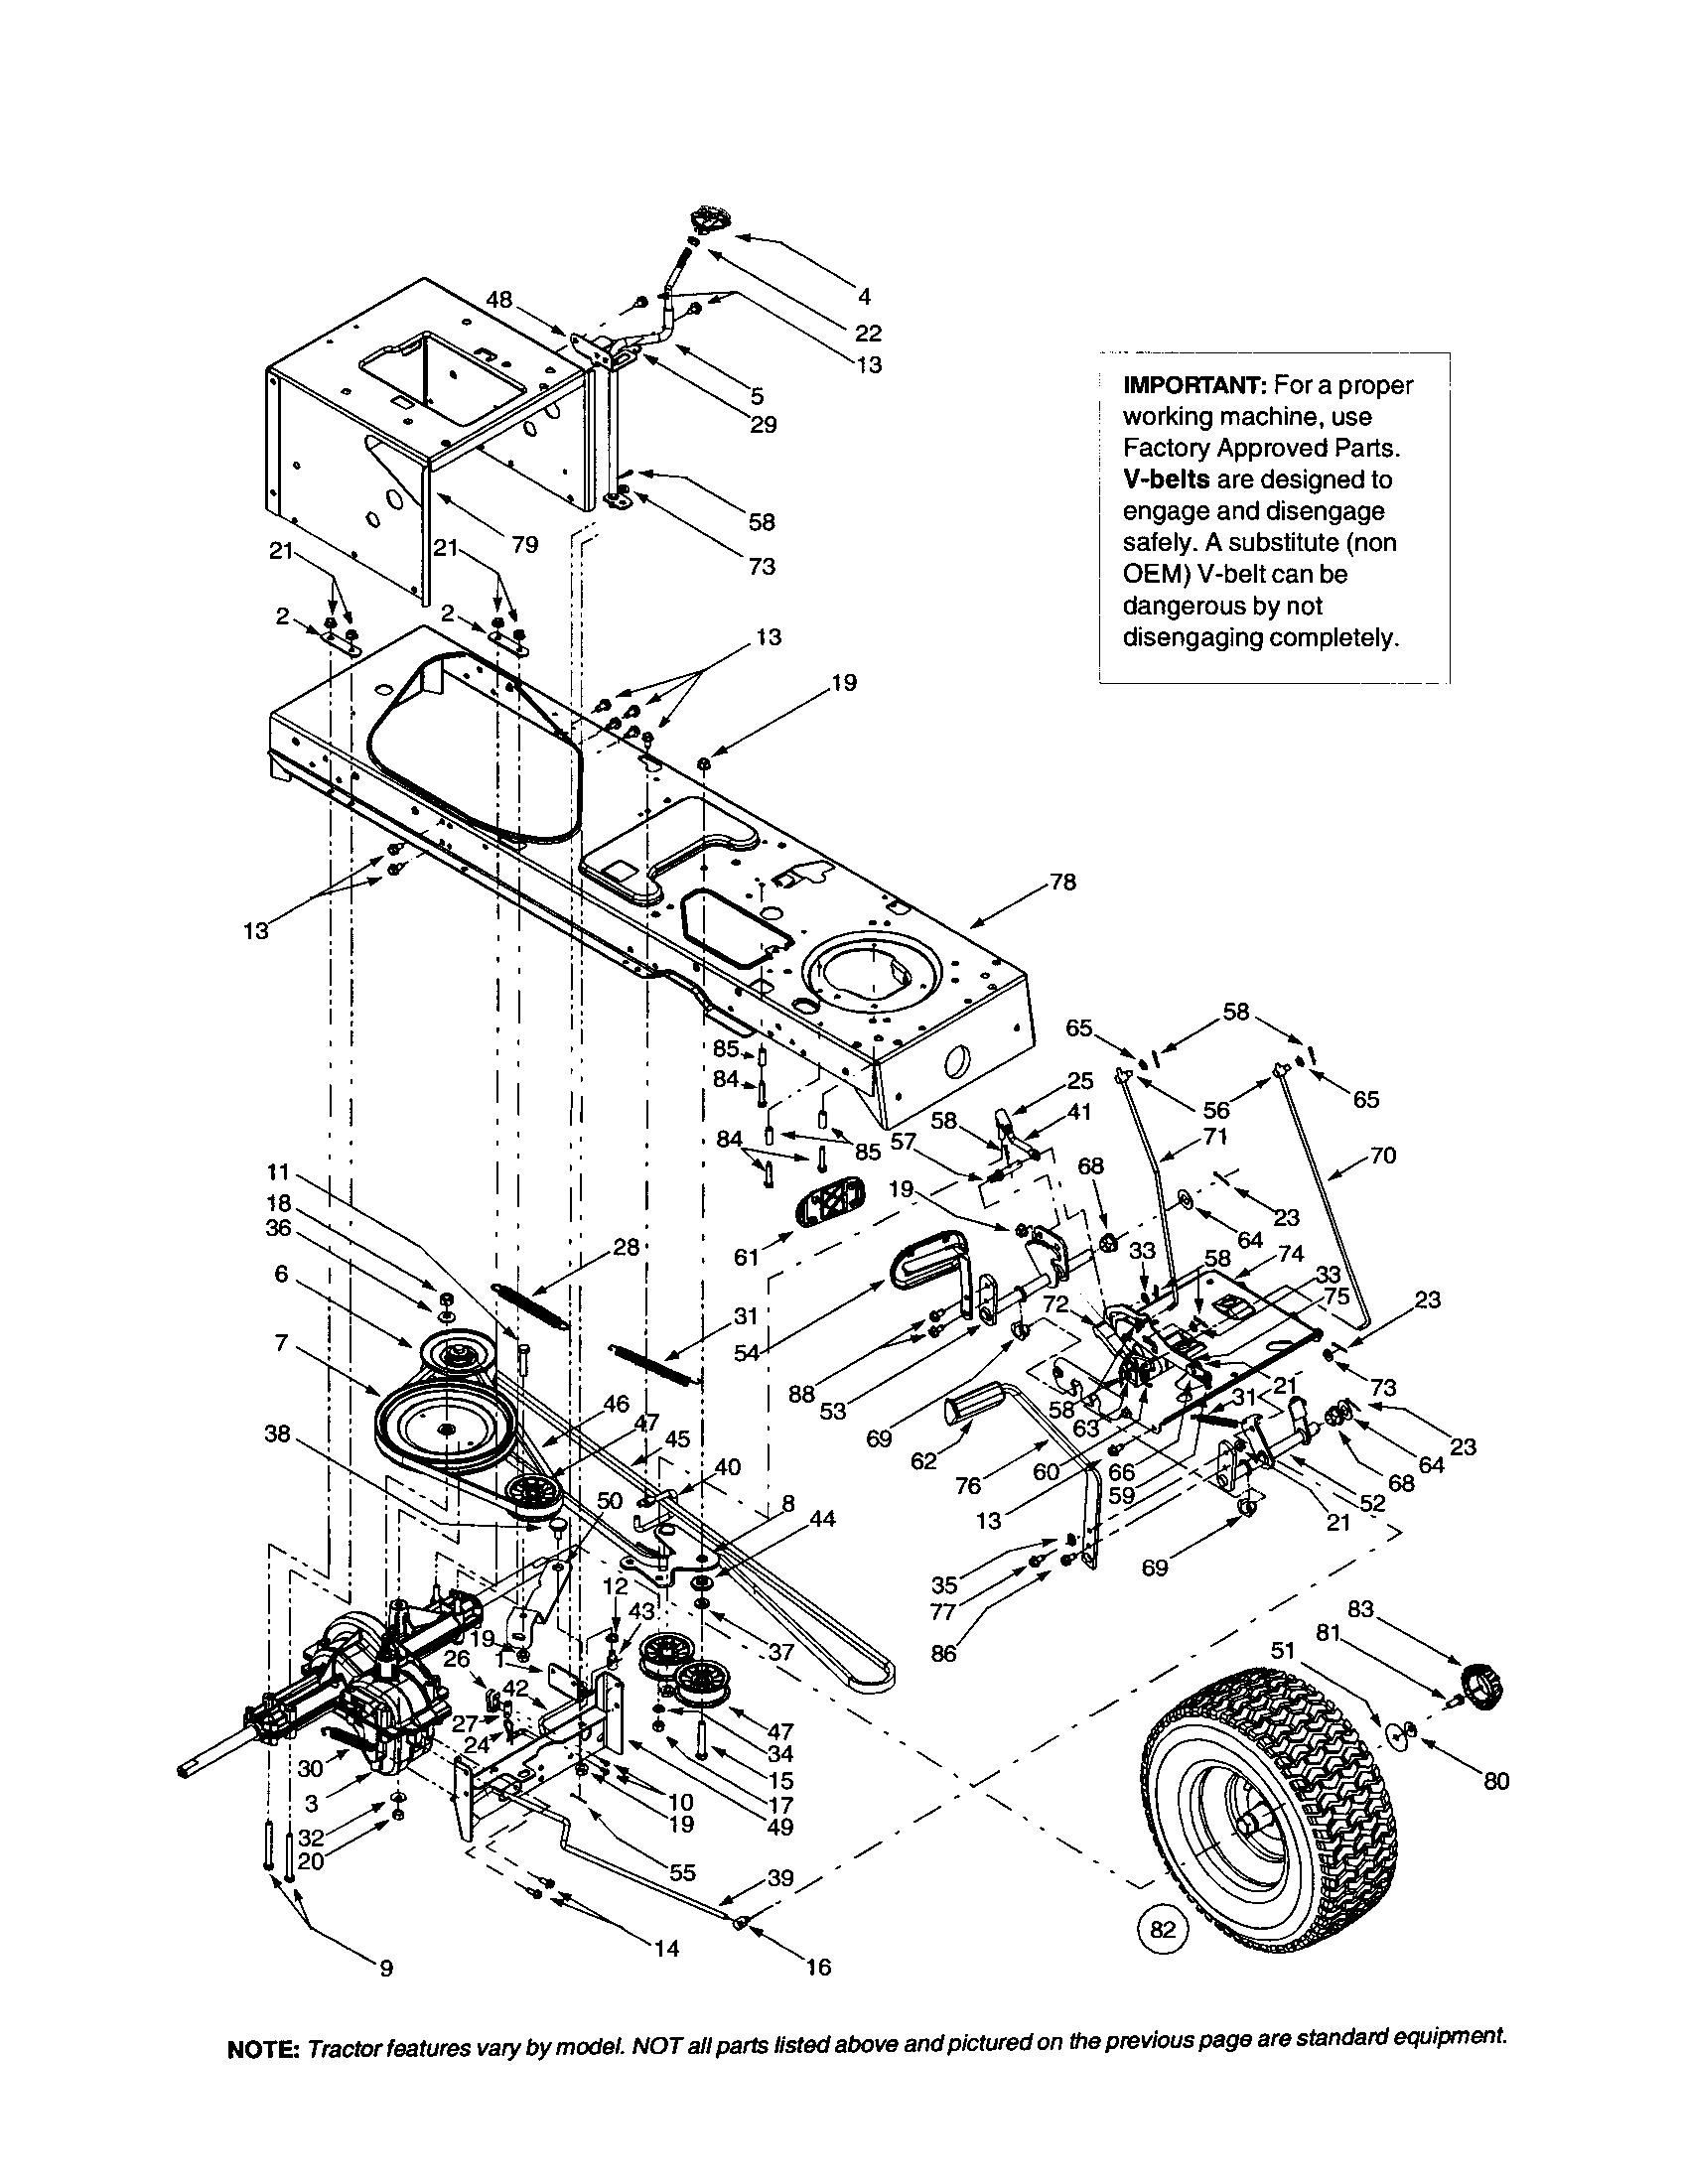 FRAME/DRIVE BELT/TRANSMISSION Diagram & Parts List for ...